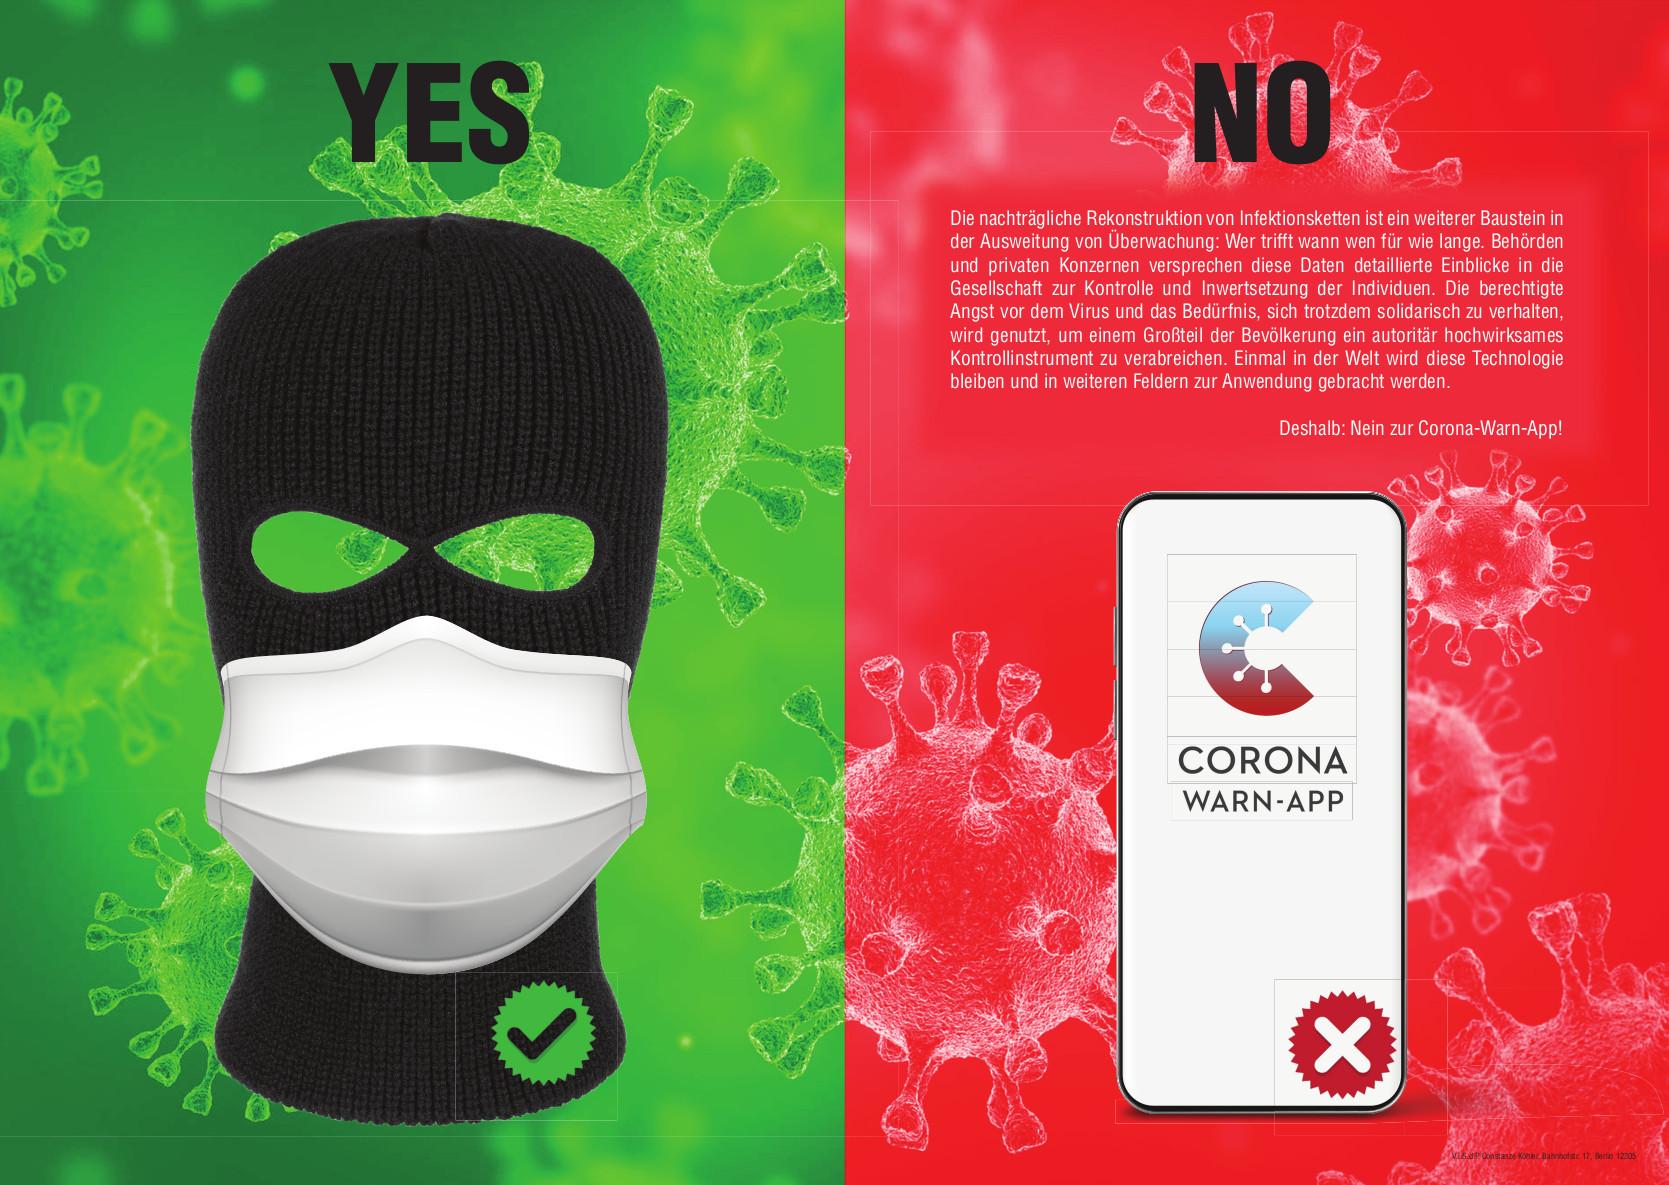 Illustration: Ja zum Schutz durch Masken, nein zur Corona Warn-App